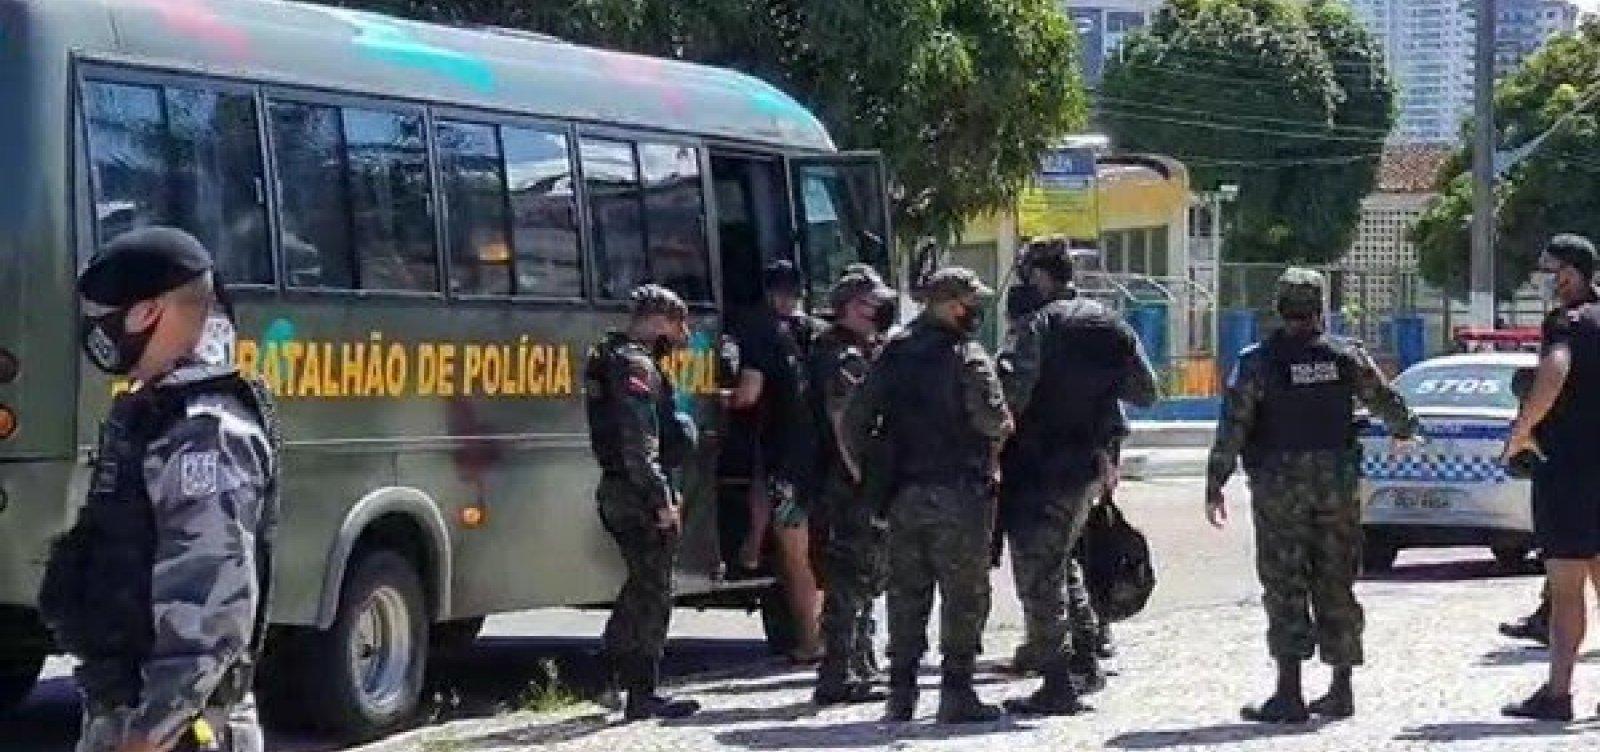 [Mais de 100 manifestantes são presos por aglomeração em manifestação pela democracia em Belém ]